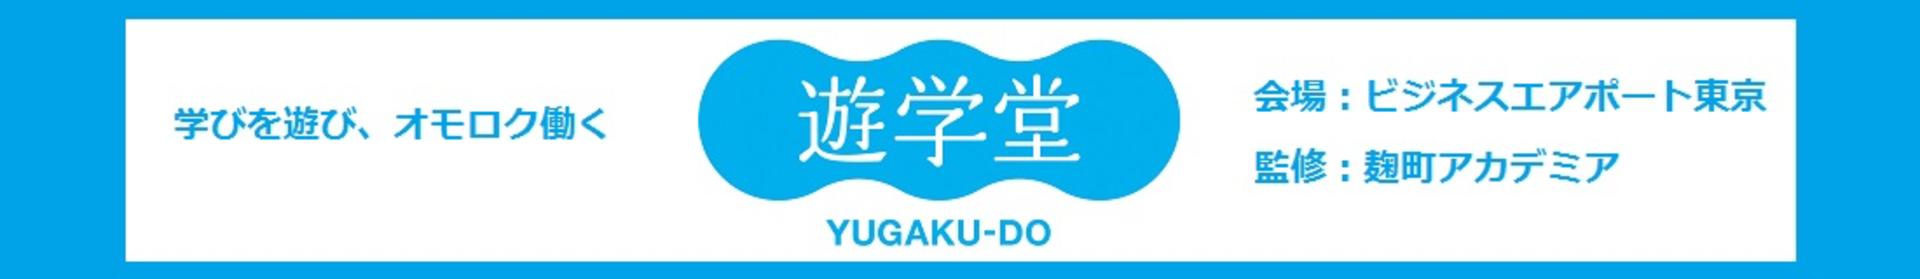 Yugakudo